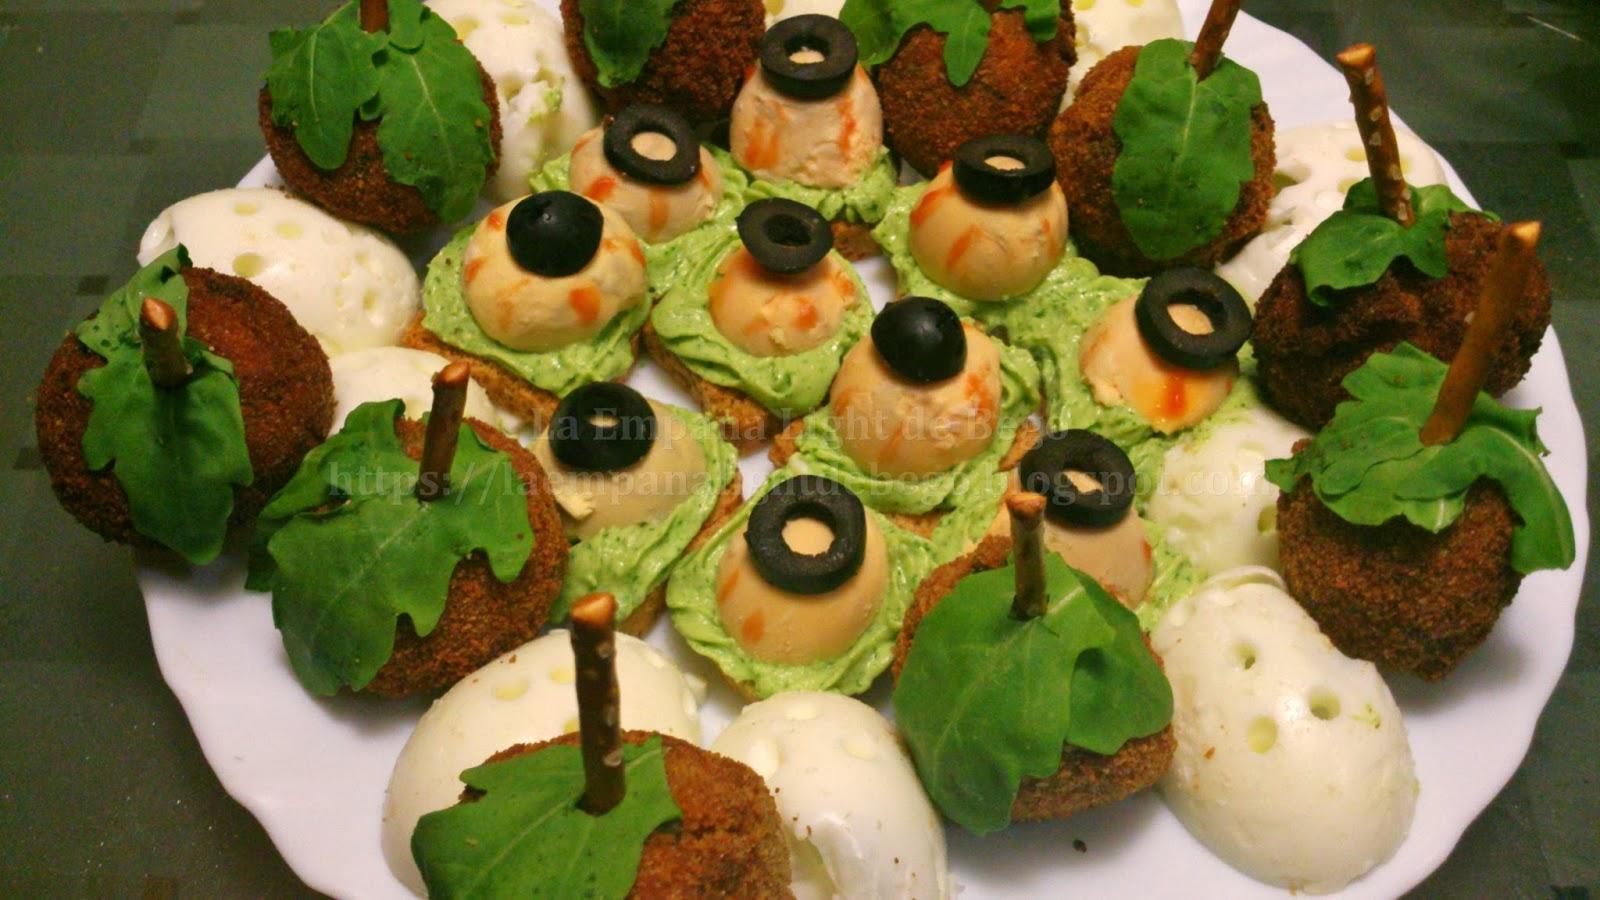 http://laempanalightdebego.blogspot.com.es/2013/10/canapes-de-crema-de-queso-con-rucula.html